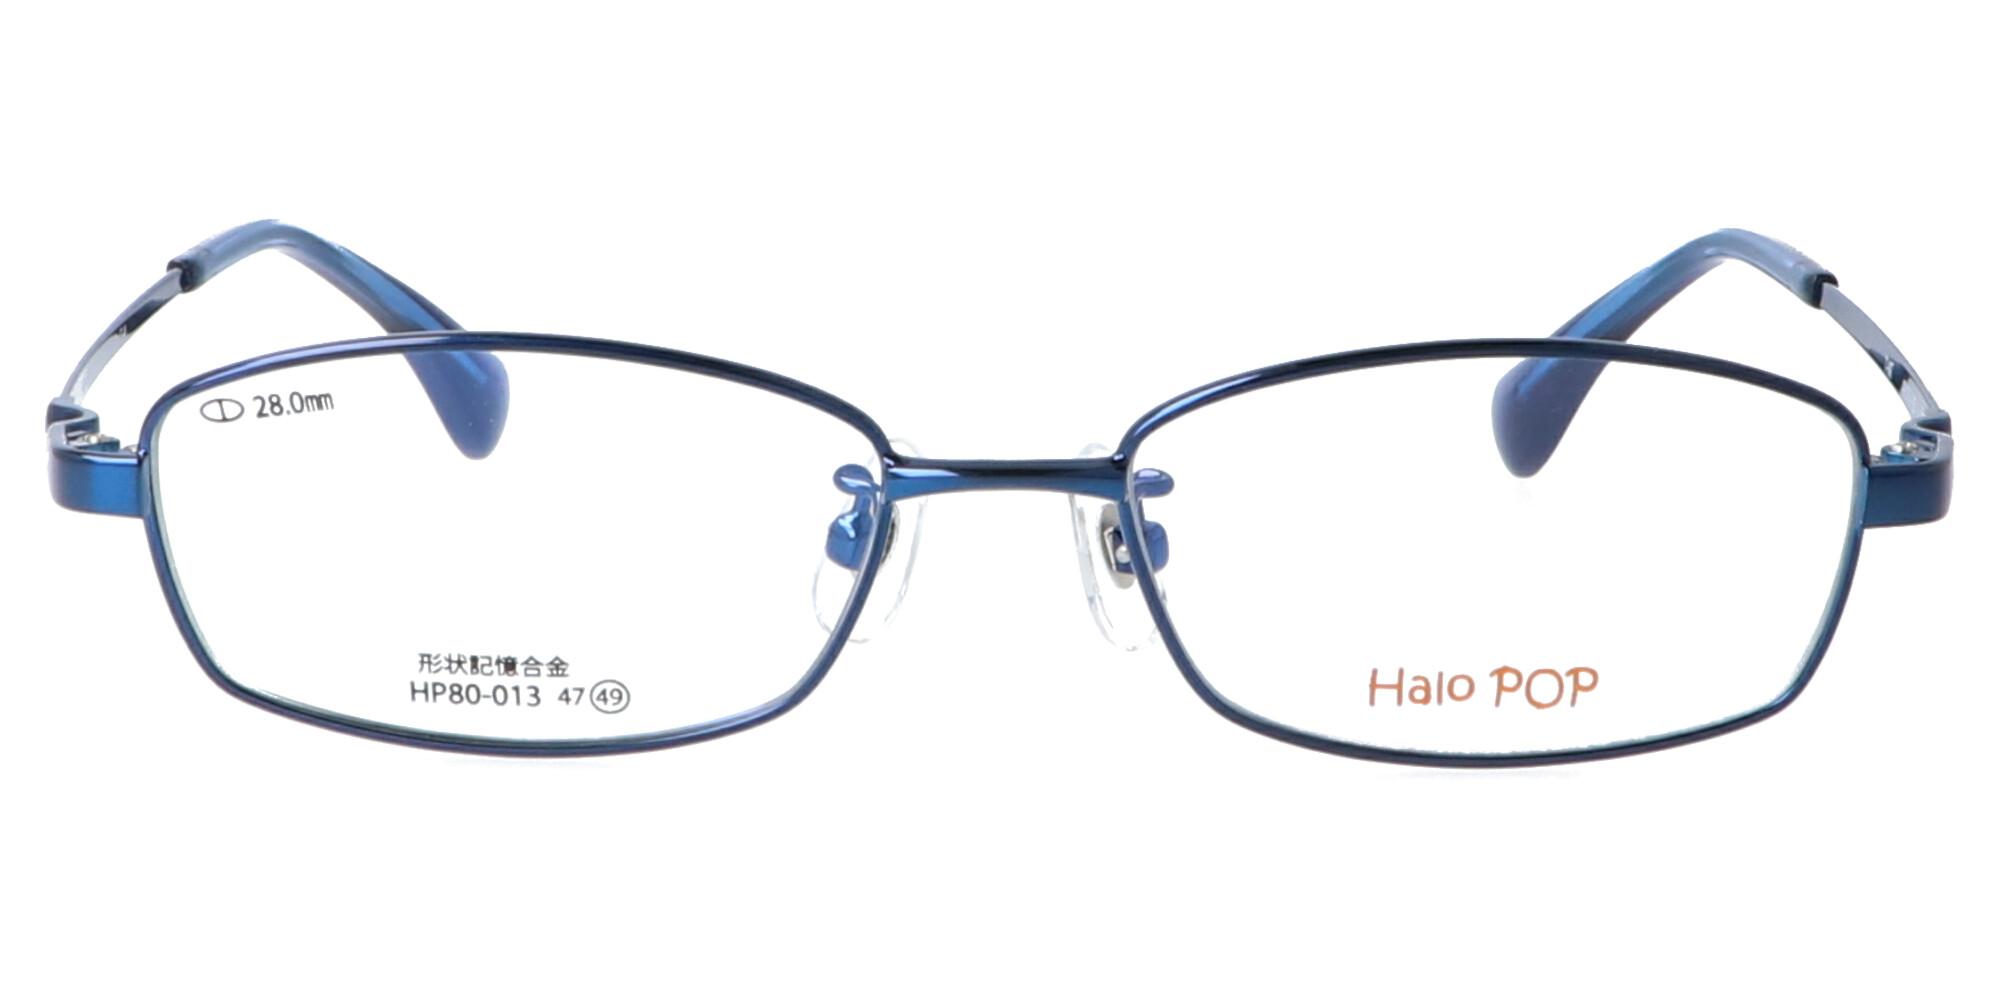 ハローポップ HP80-013_49_シャーリングネイビー